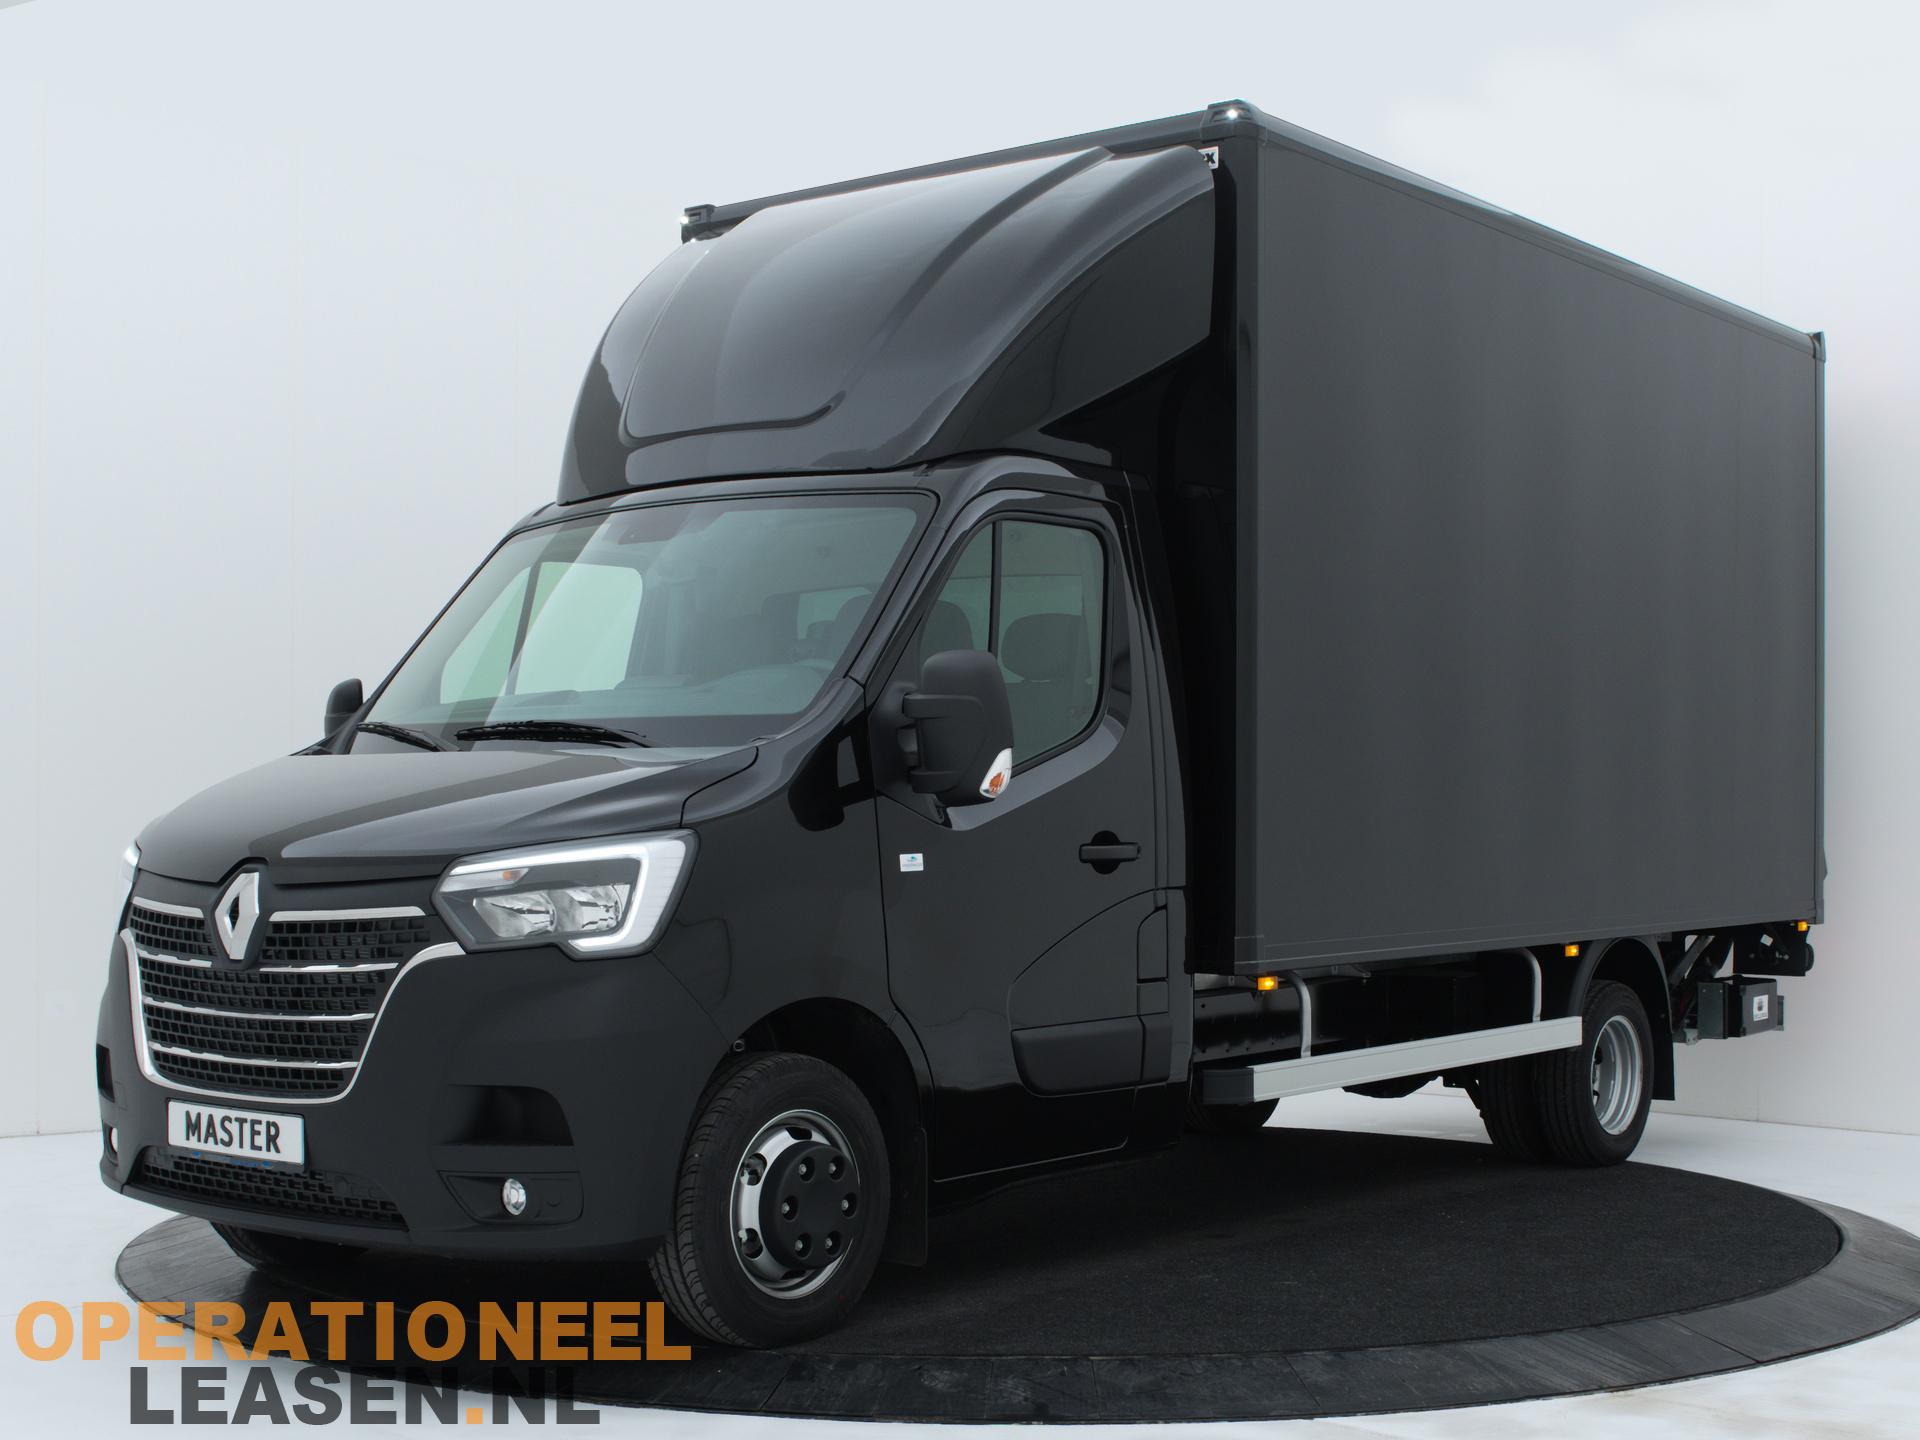 Operationeel-leasen-bakwagen-zwart